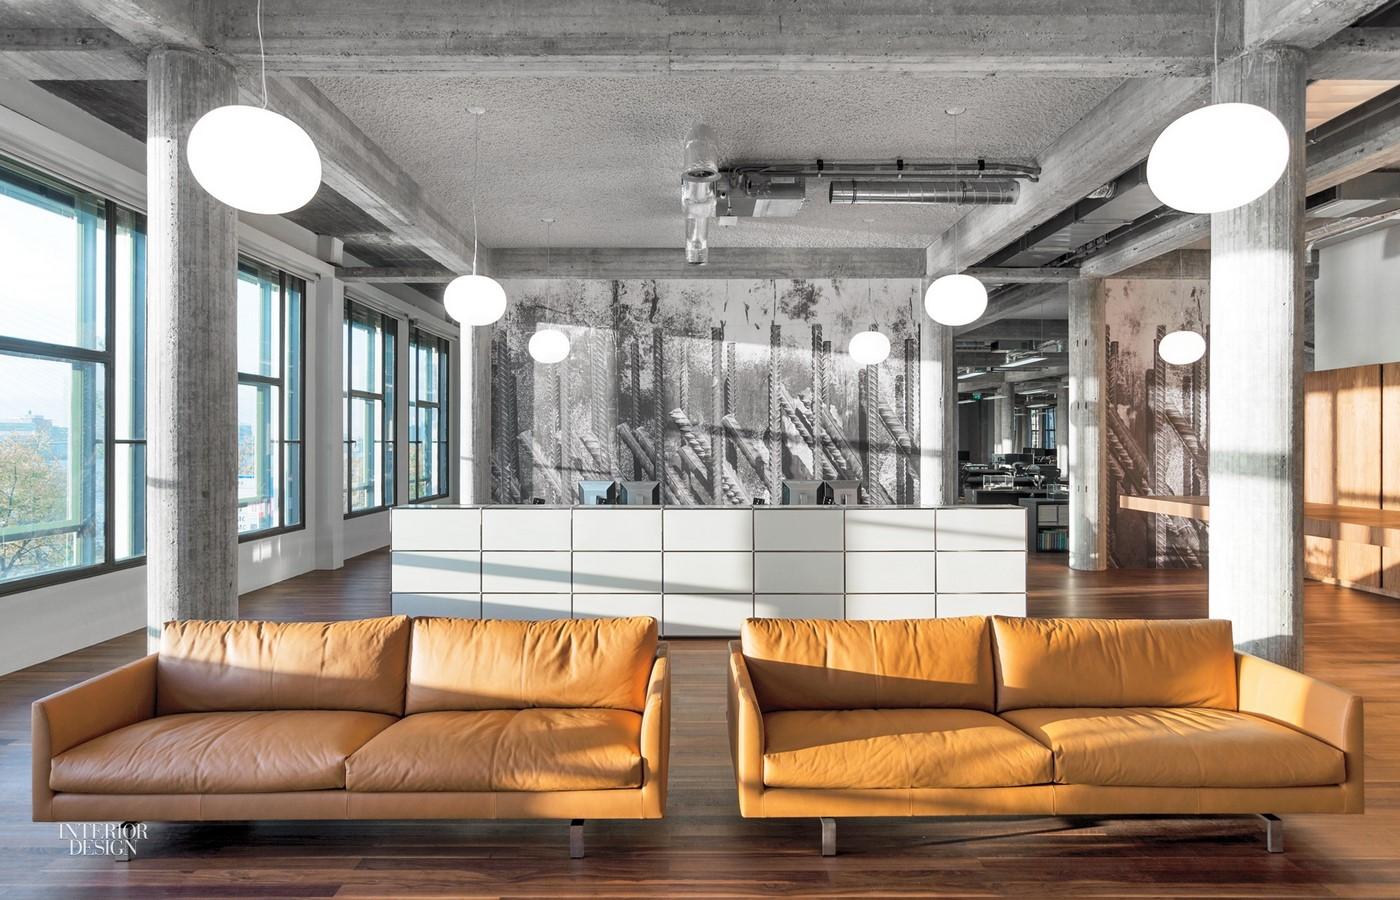 De Bank / KAAN Architecten, Rotterdam - Sheet3